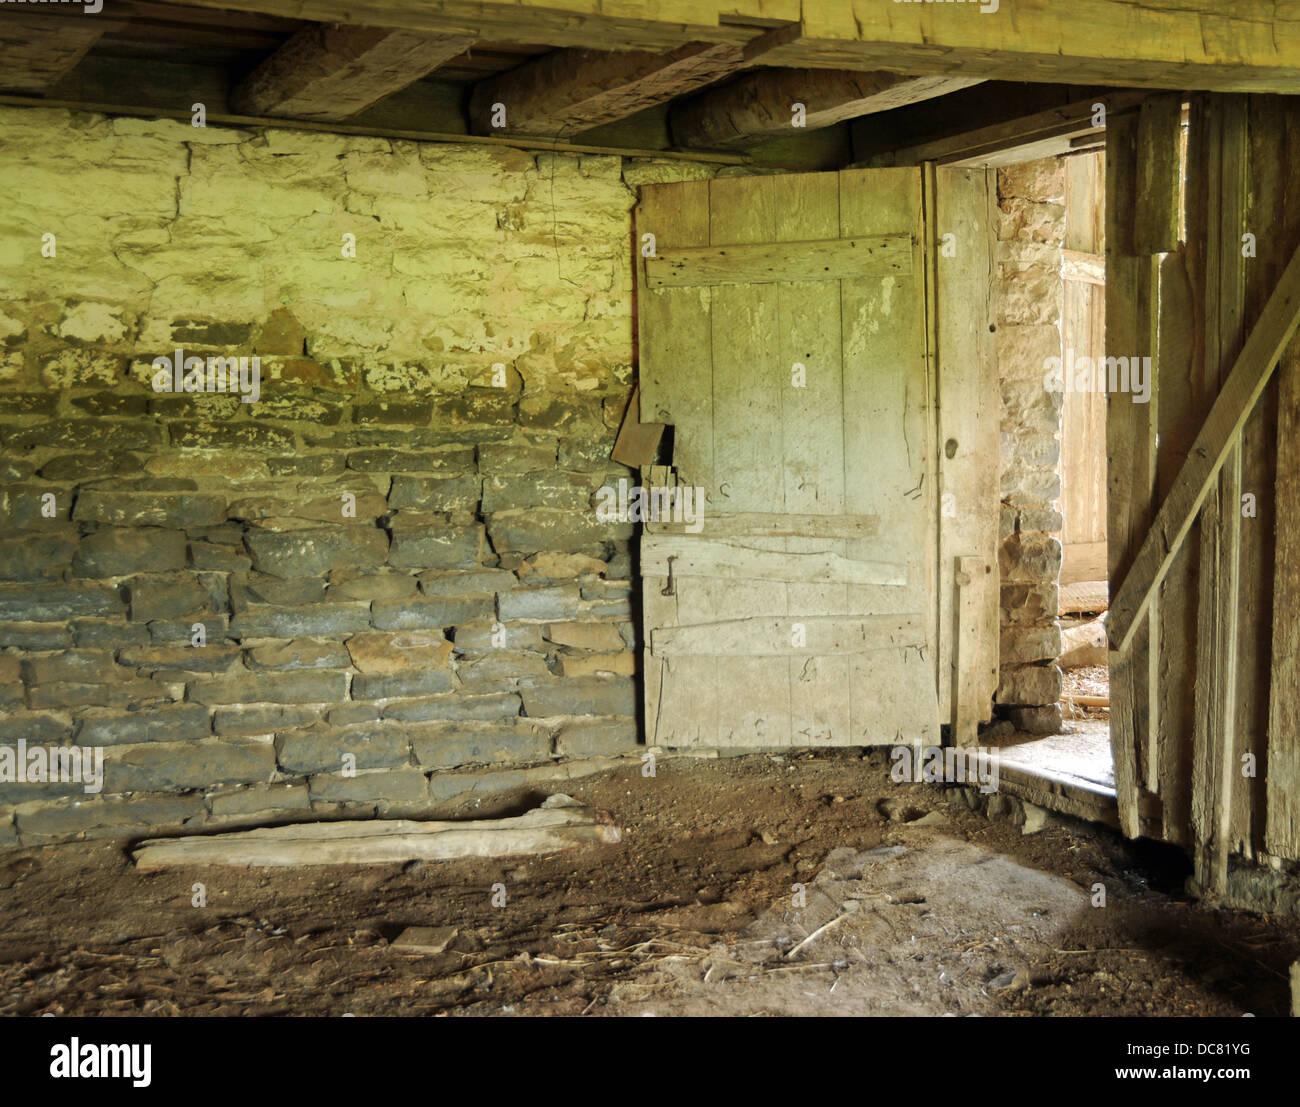 Wand Von Alten Protokollen Stockfotos und bilder Kaufen Alamy